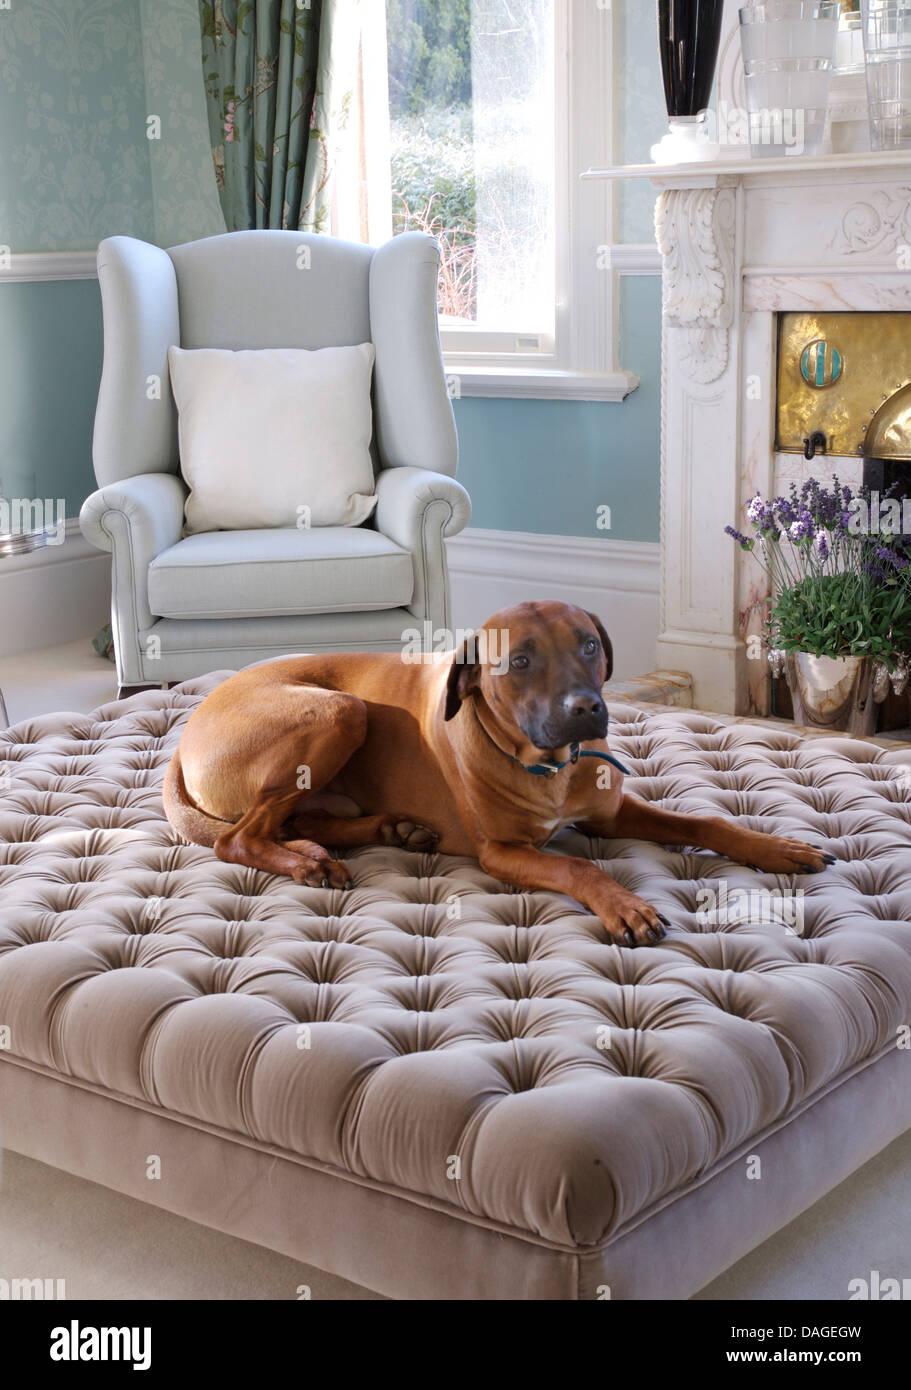 Großer Hund liegend grau samt gepolsterten Hocker aus